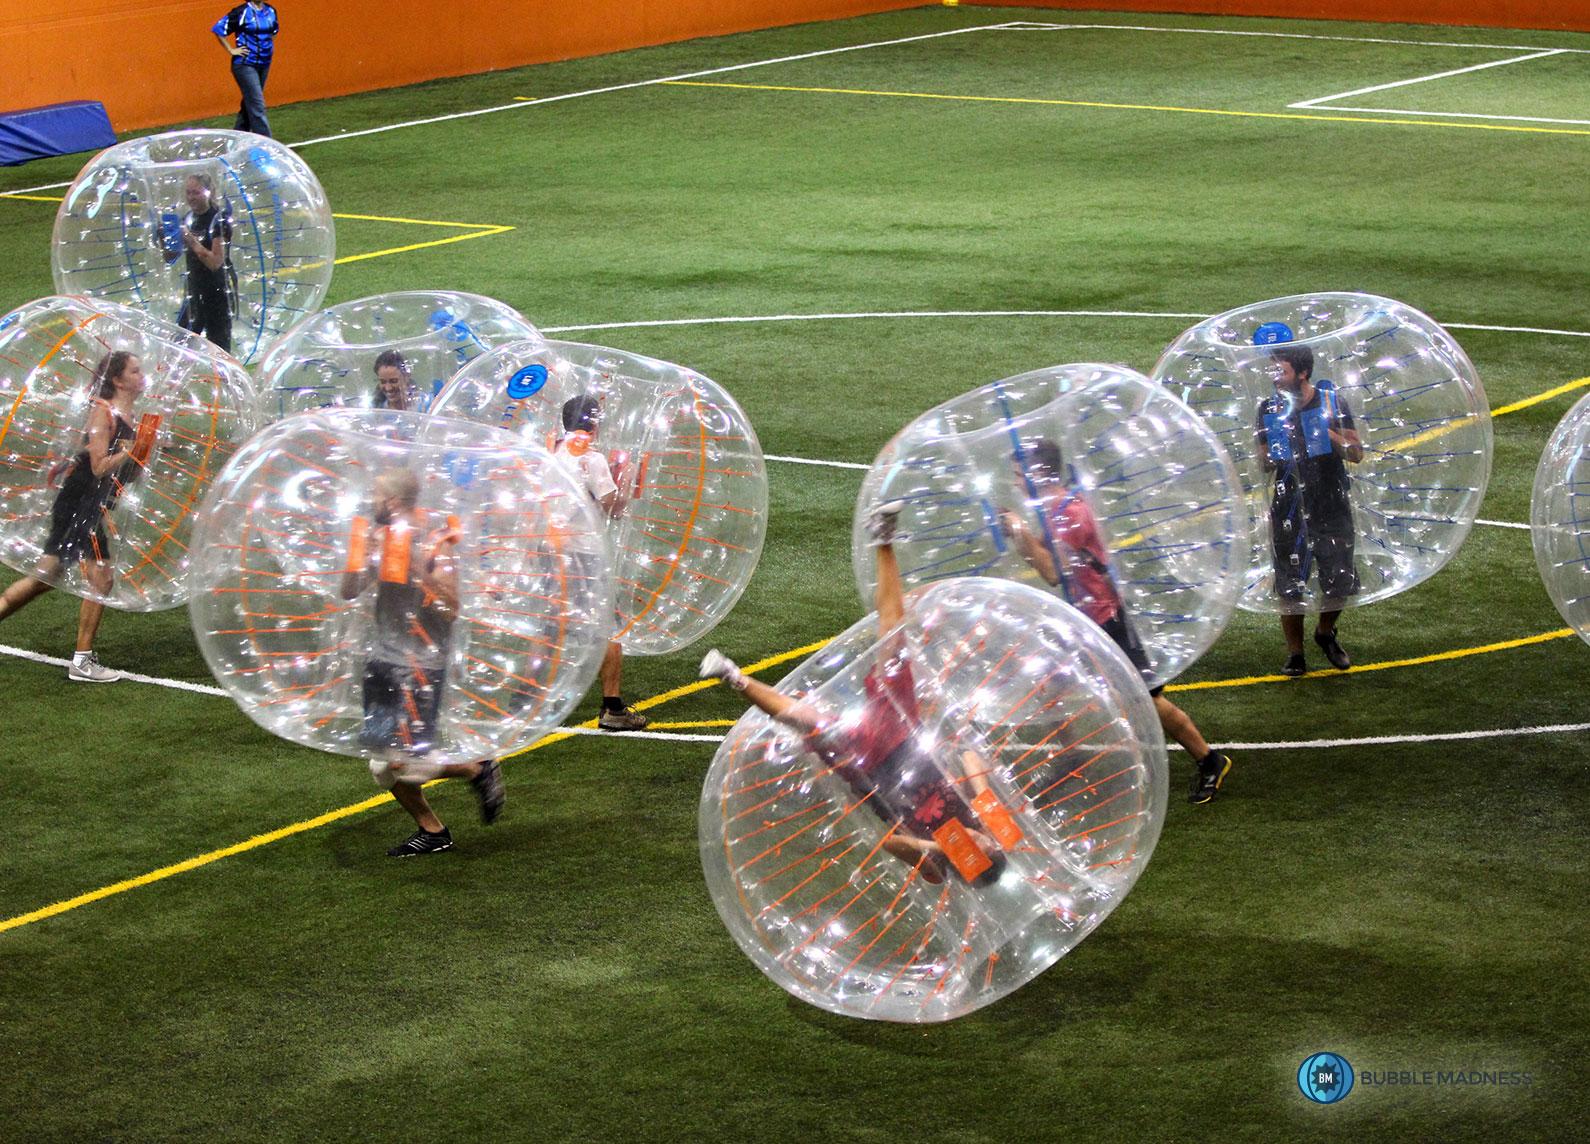 Bubble soccer edmonton